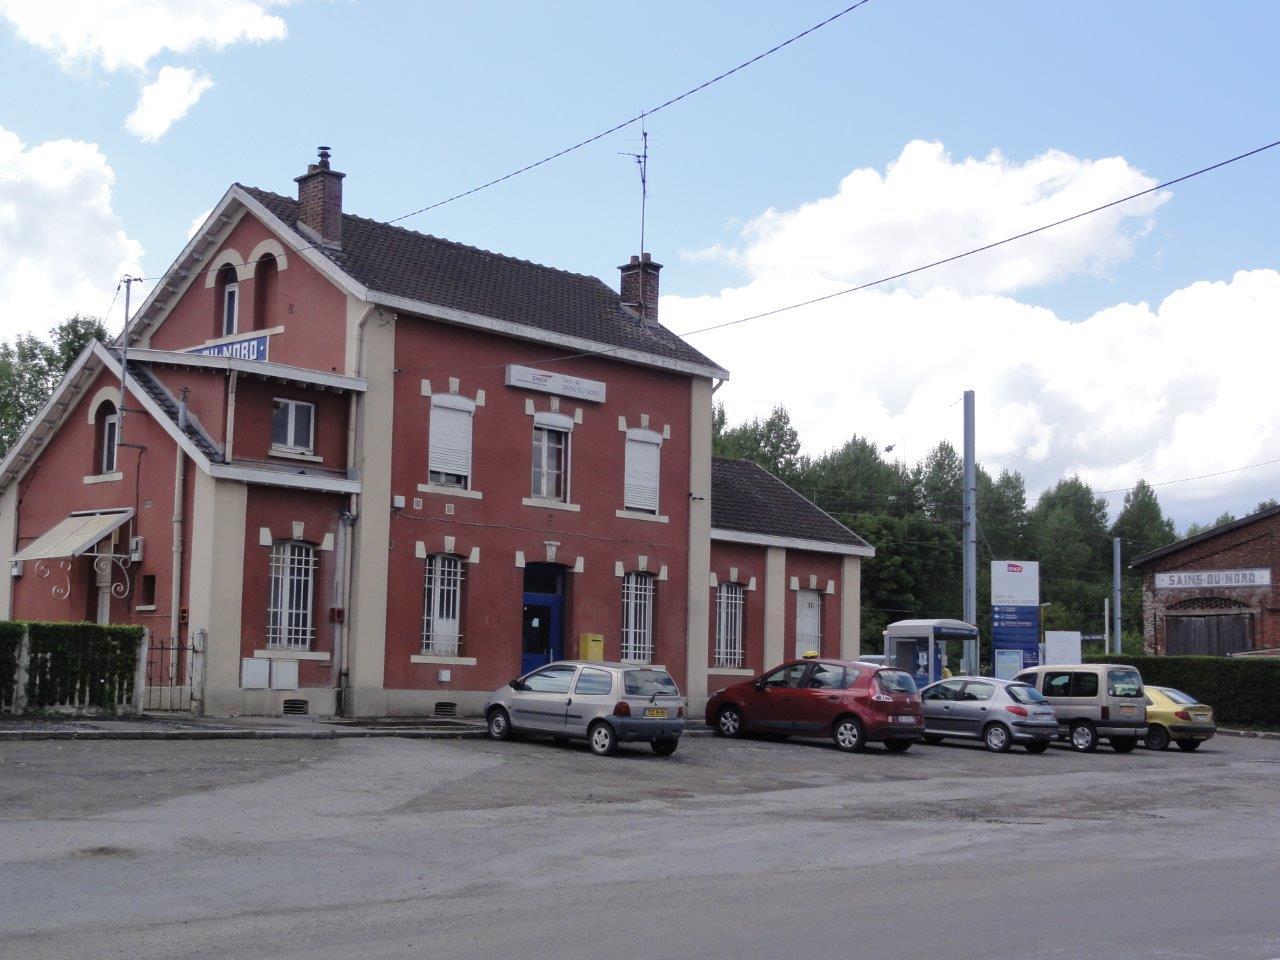 gare-de-sains-du-nord-train-station